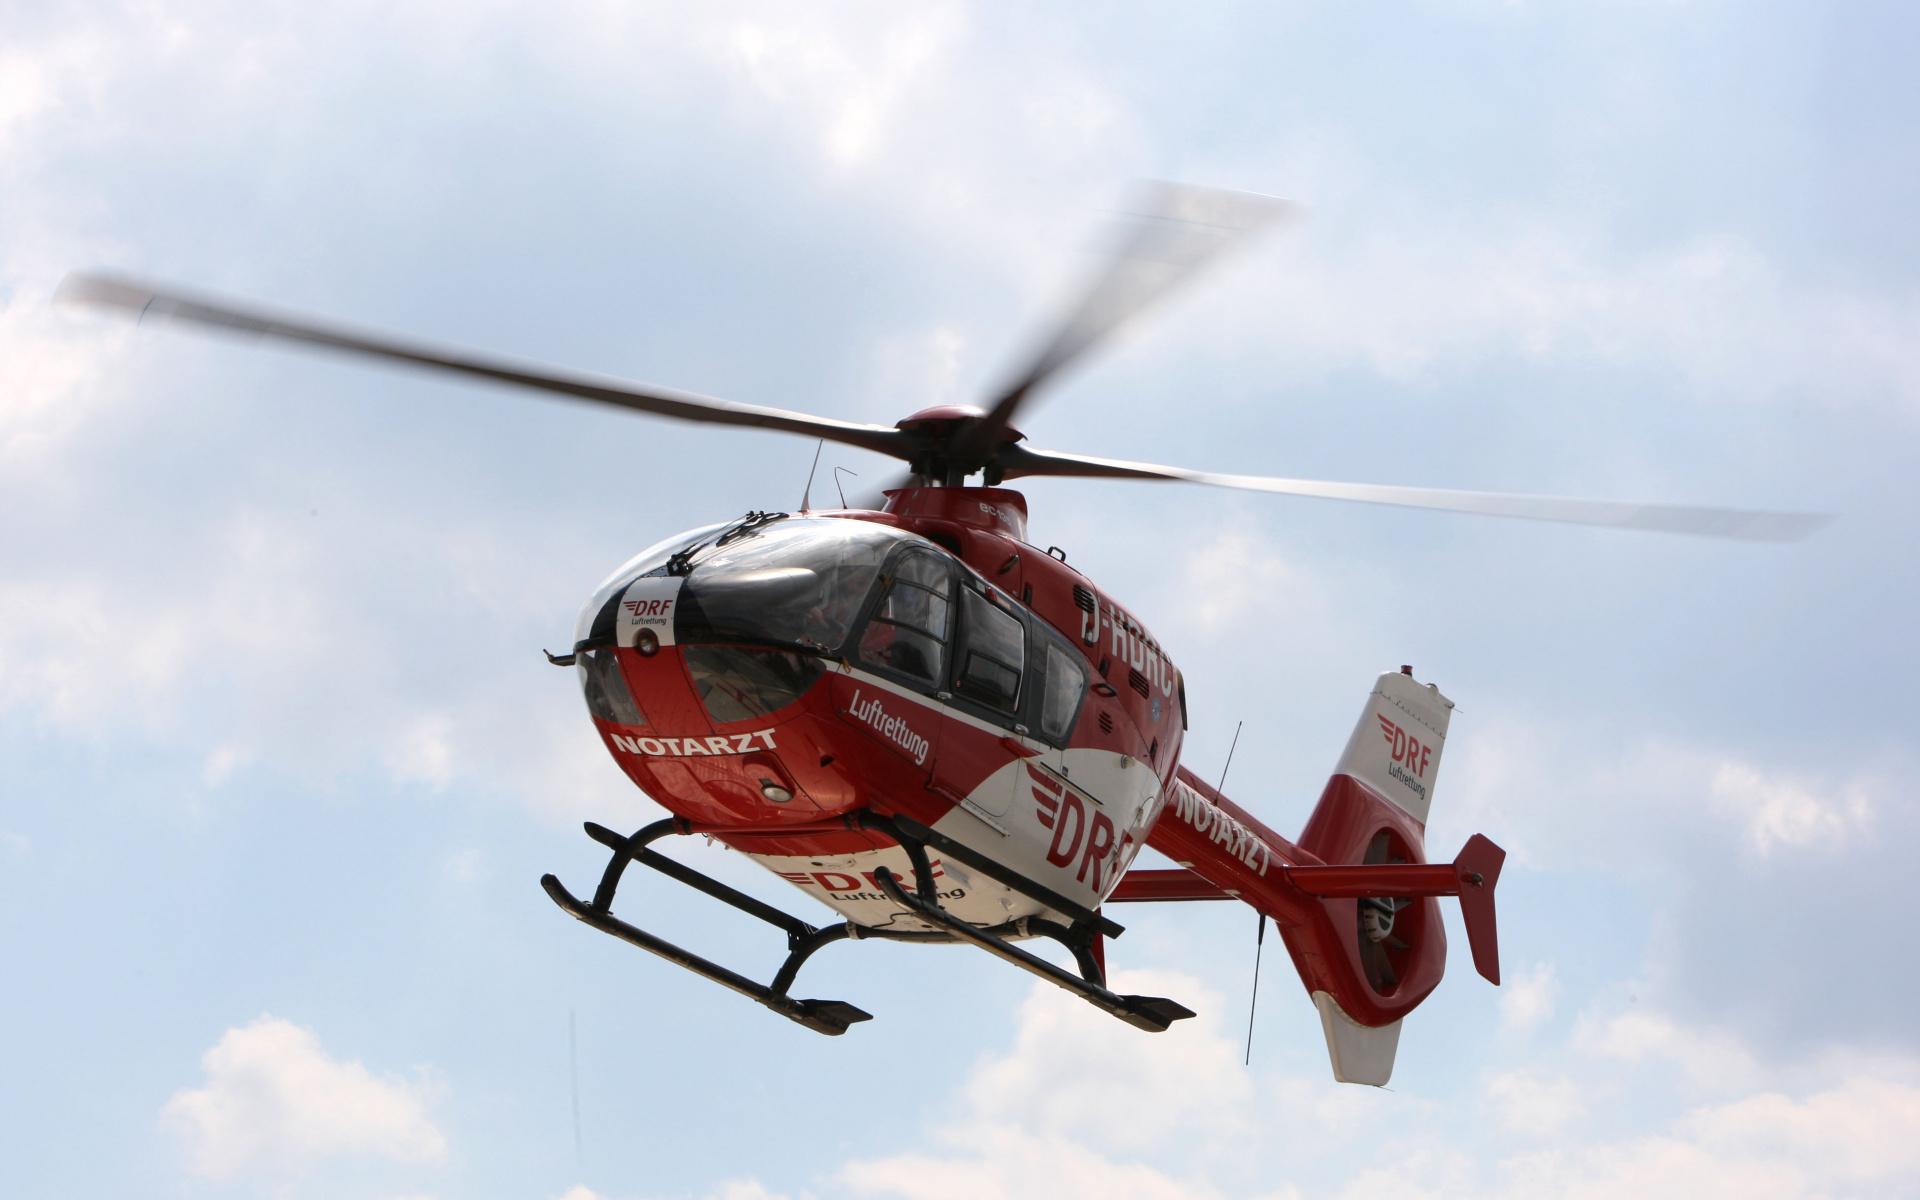 Mit 250 Kilometern in der Stunde auf dem Weg zum Patienten: Christoph 64 der DRF Luftrettung. Symbolbild.